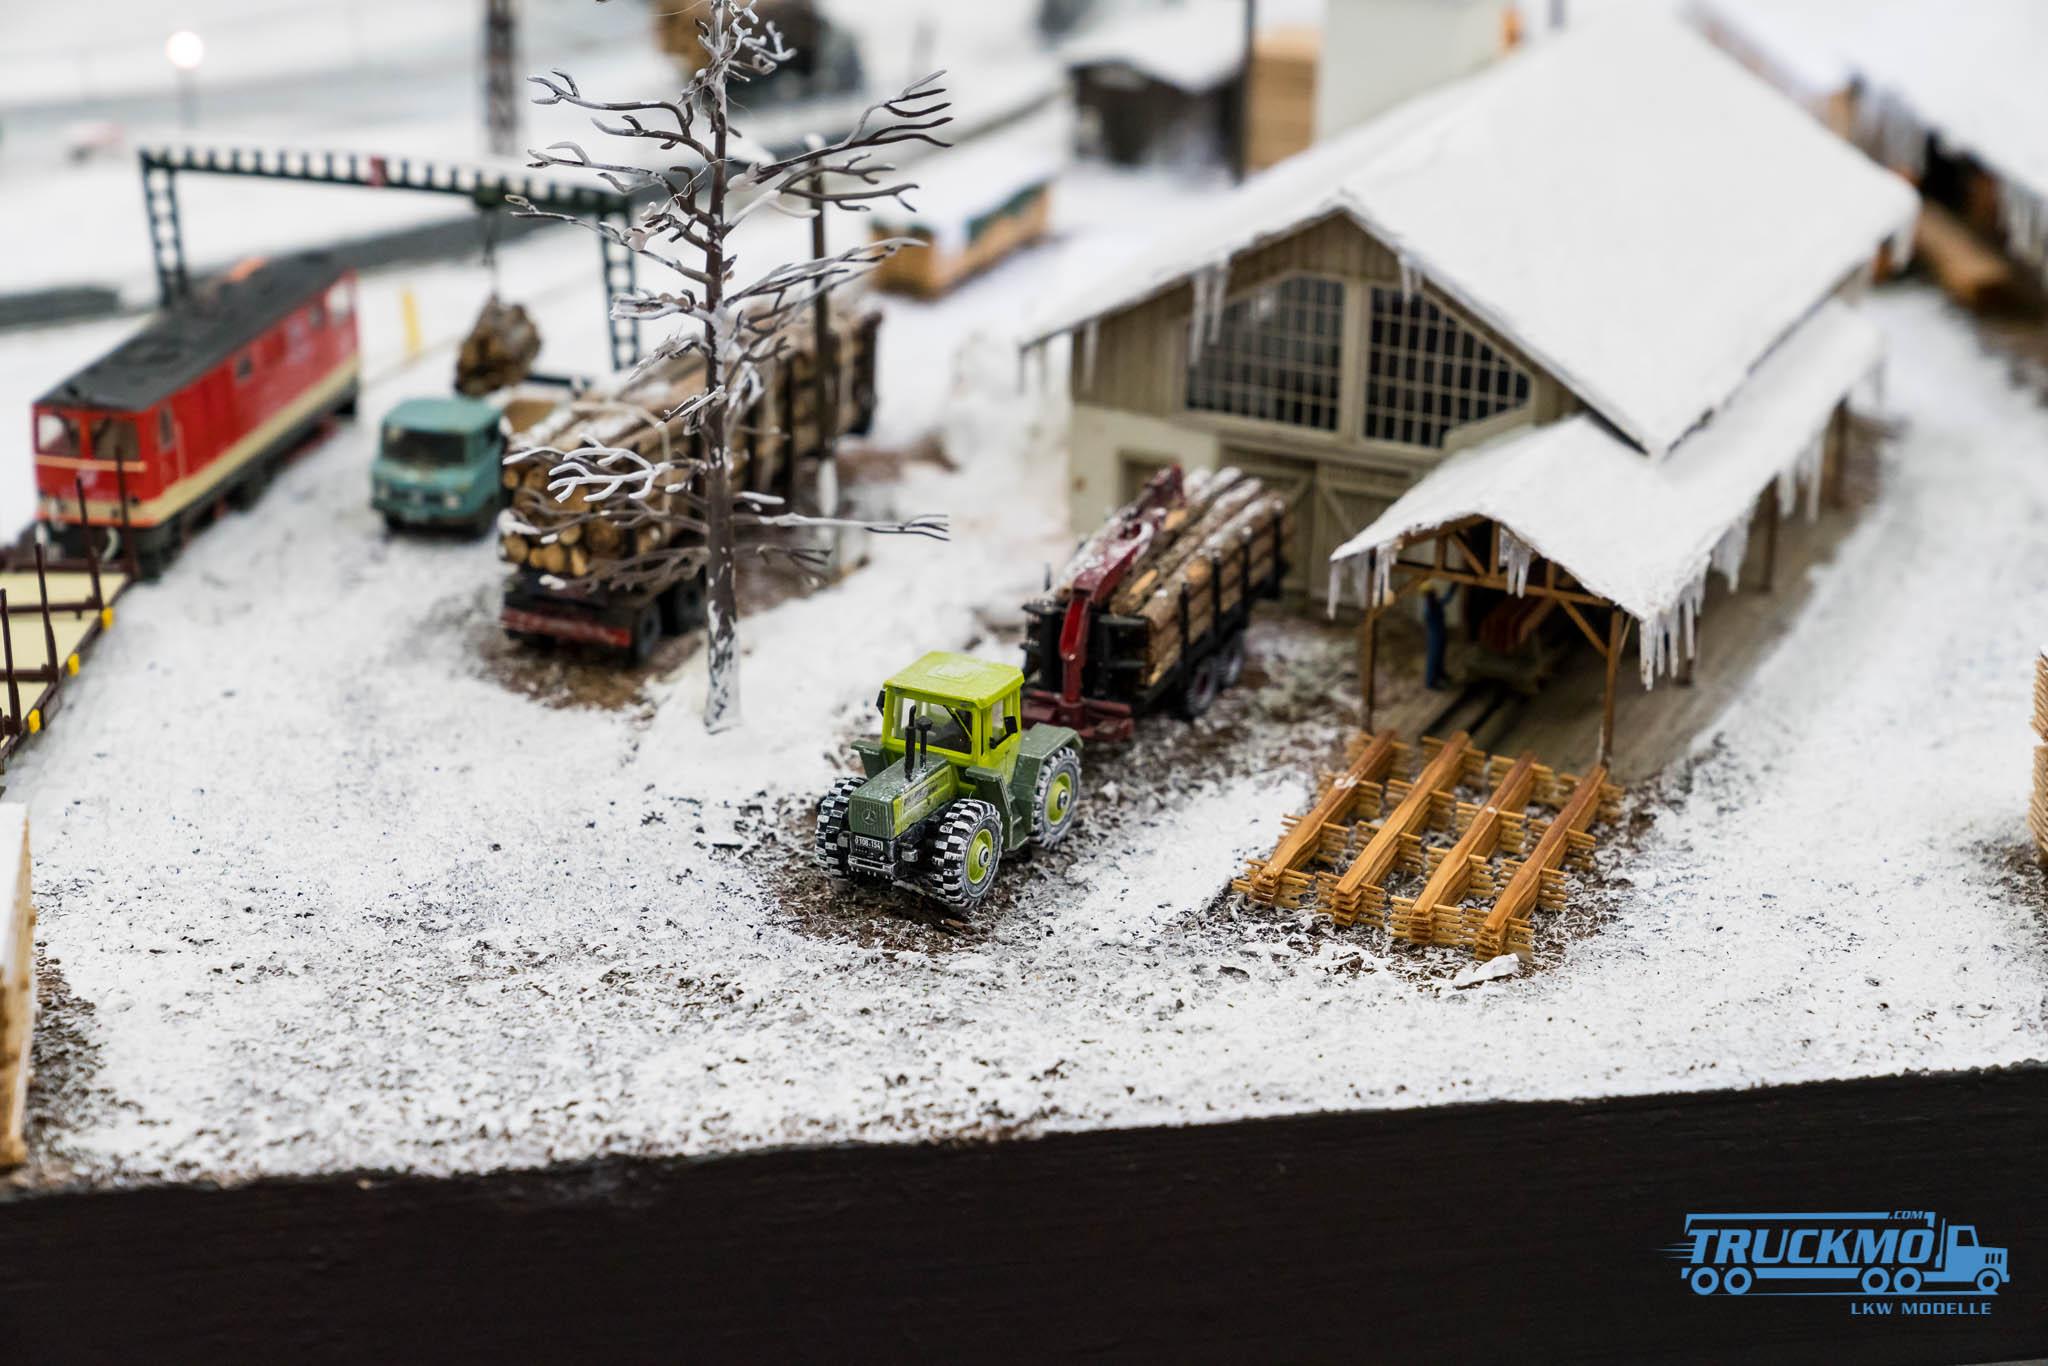 Truckmo_Modellbau_Ried_2017_Herpa_Messe_Modellbauausstellung (75 von 1177)